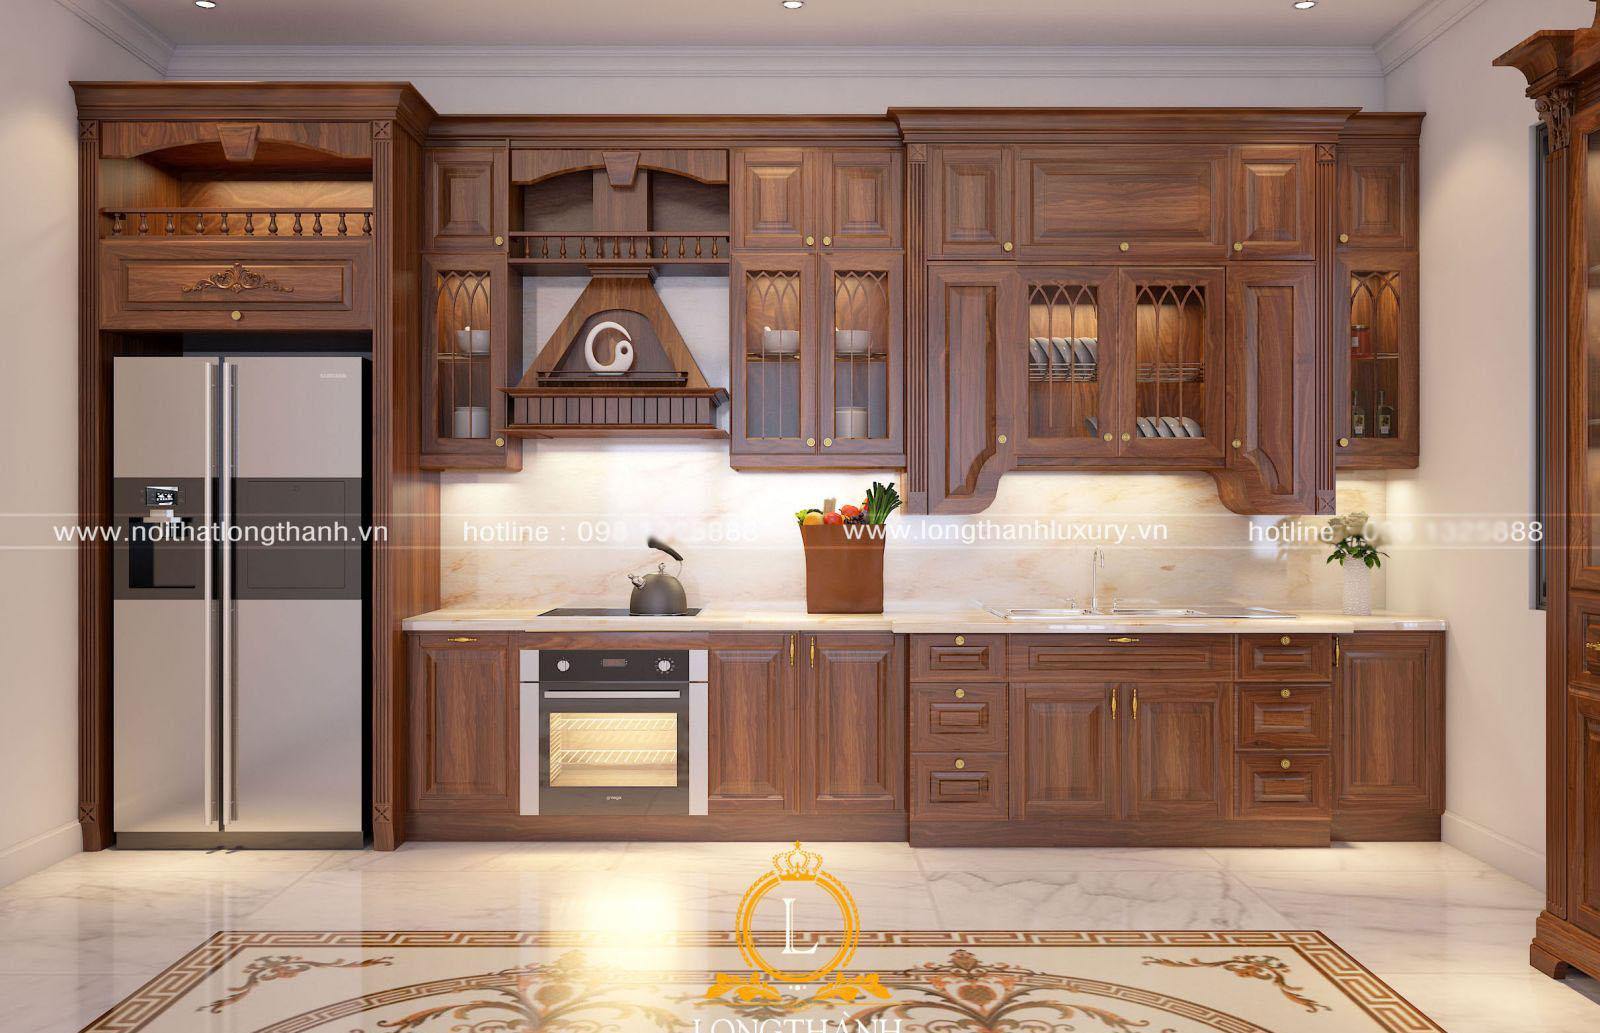 Mẫu tủ bếp tân cổ điển chữ I thanh lịch cho chung cư